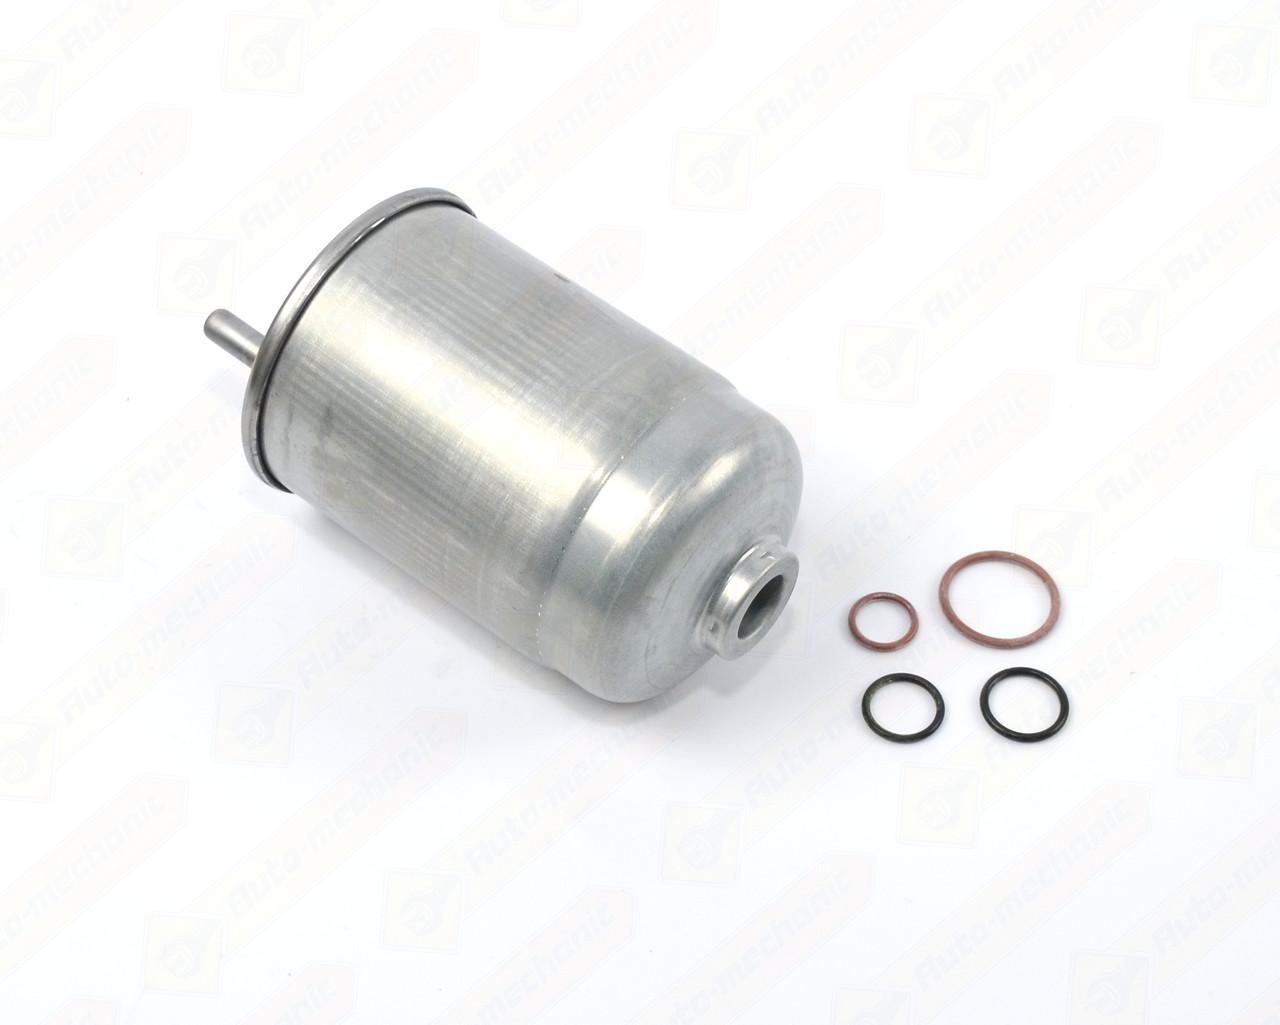 Фильтр топливный на Renault Scenic III - 1.5dCi+2.0dCi Renault (Оригинал) - 164006435R